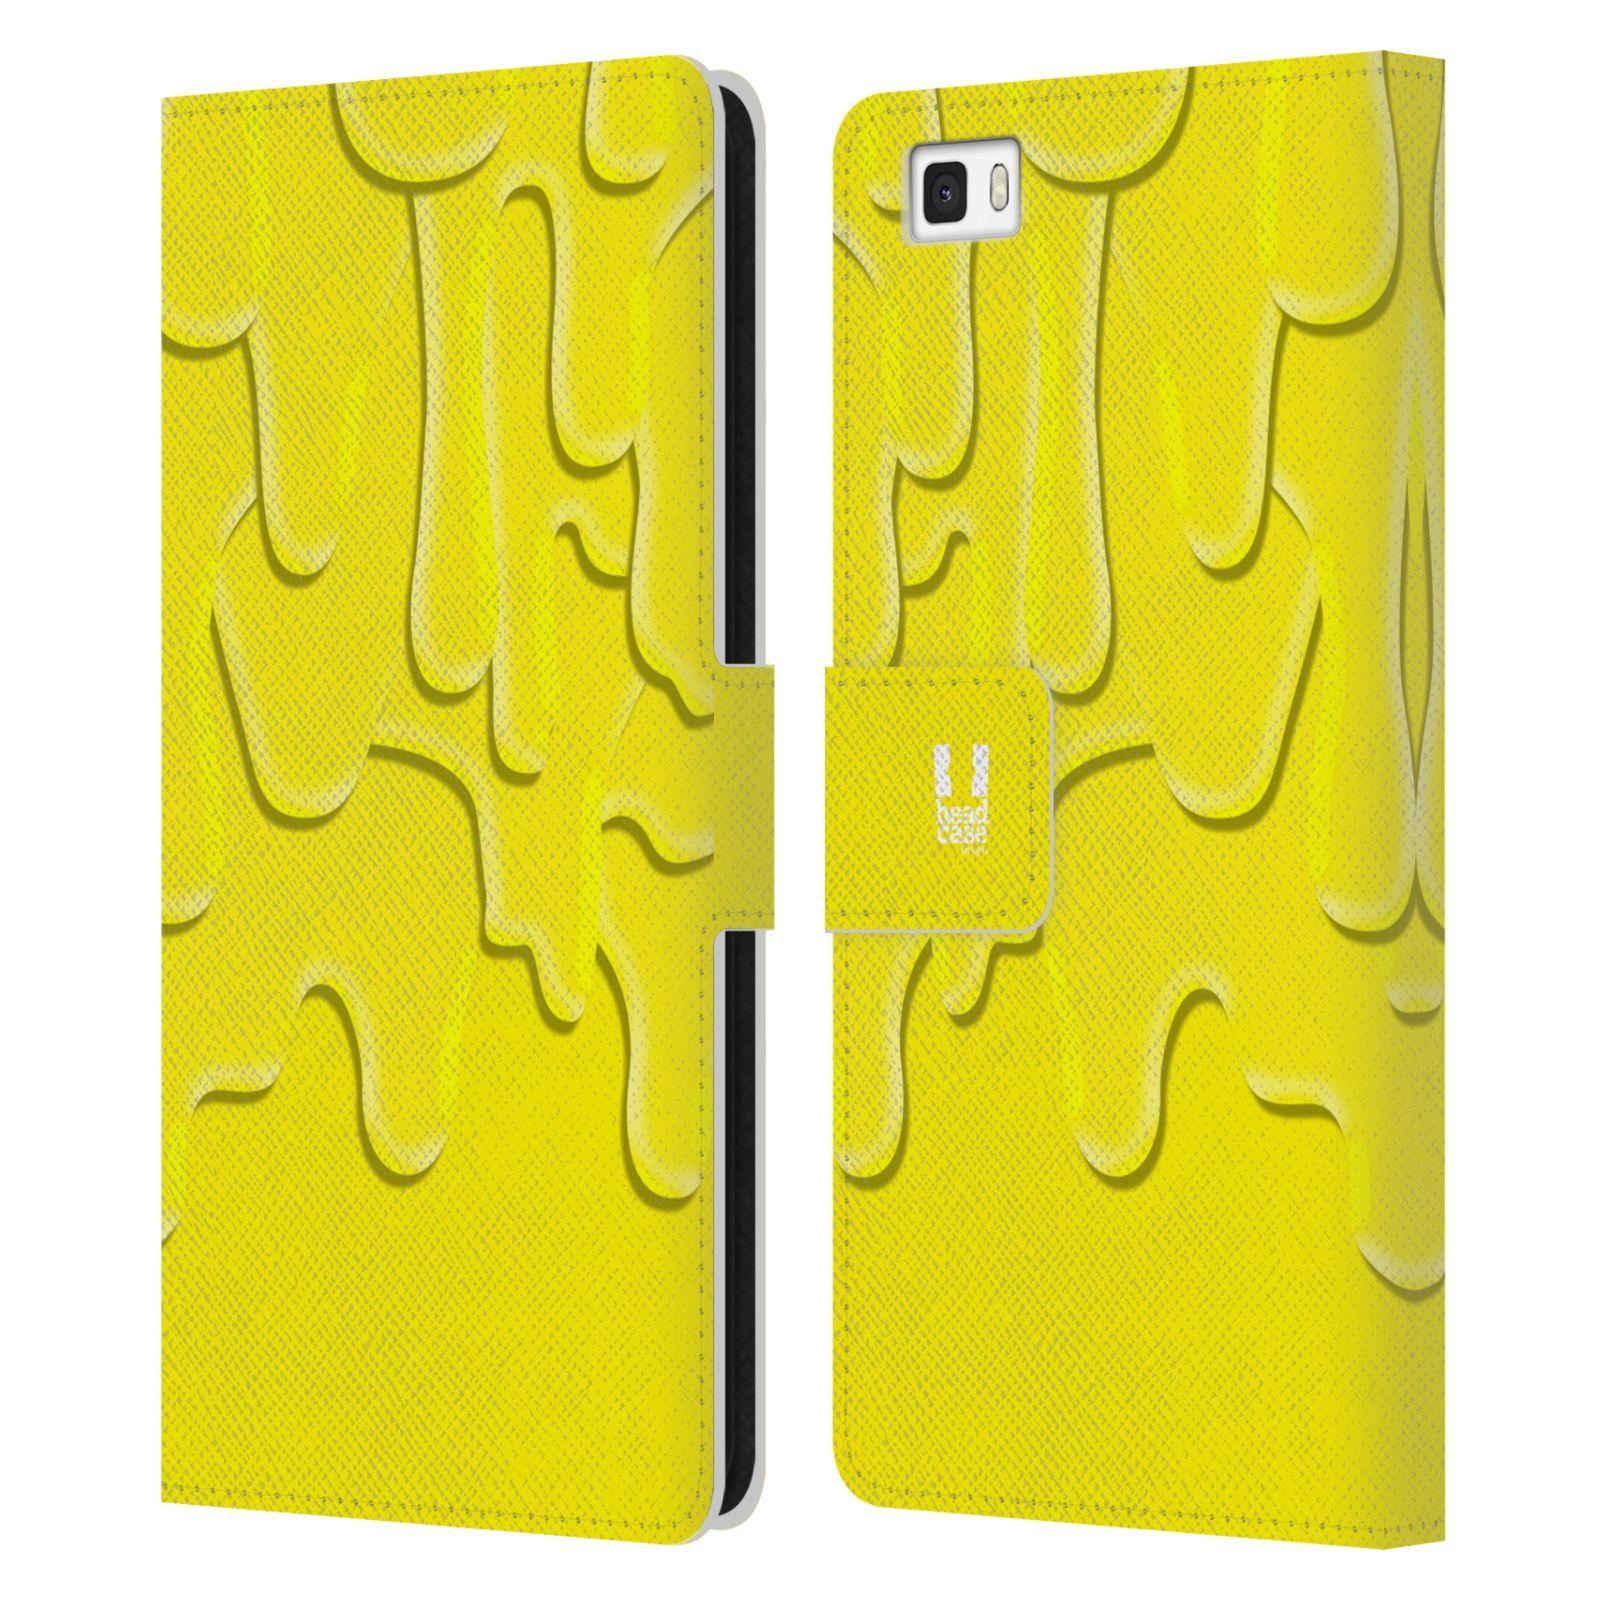 HEAD CASE Flipové pouzdro pro mobil Huawei P8 LITE ZÁPLAVA BARVA žlutá